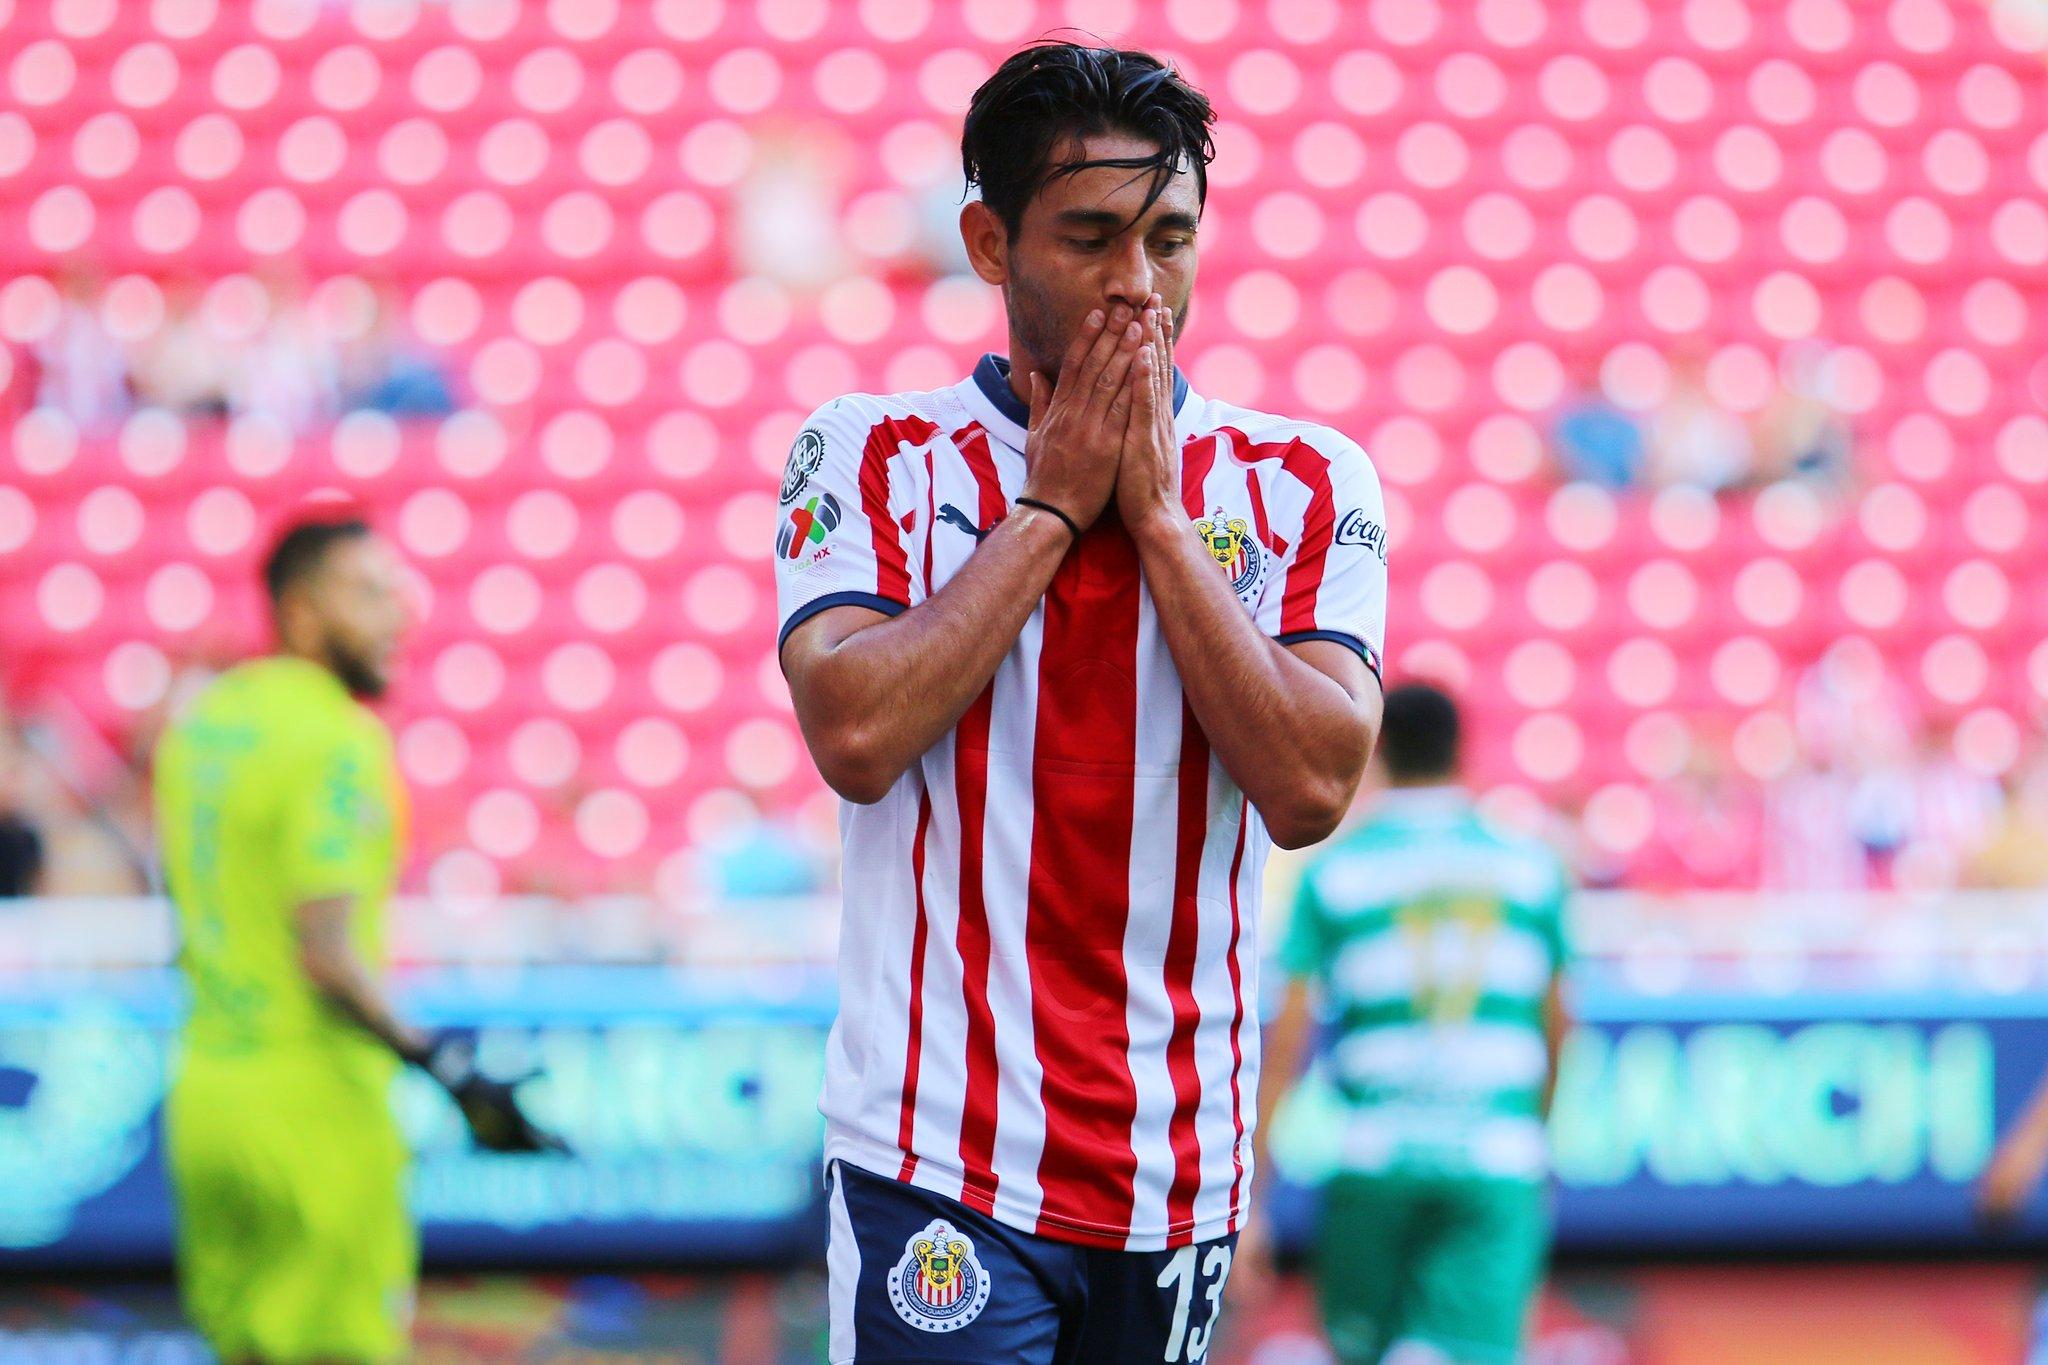 Chivas gana 2-0 en contra del Veracruz